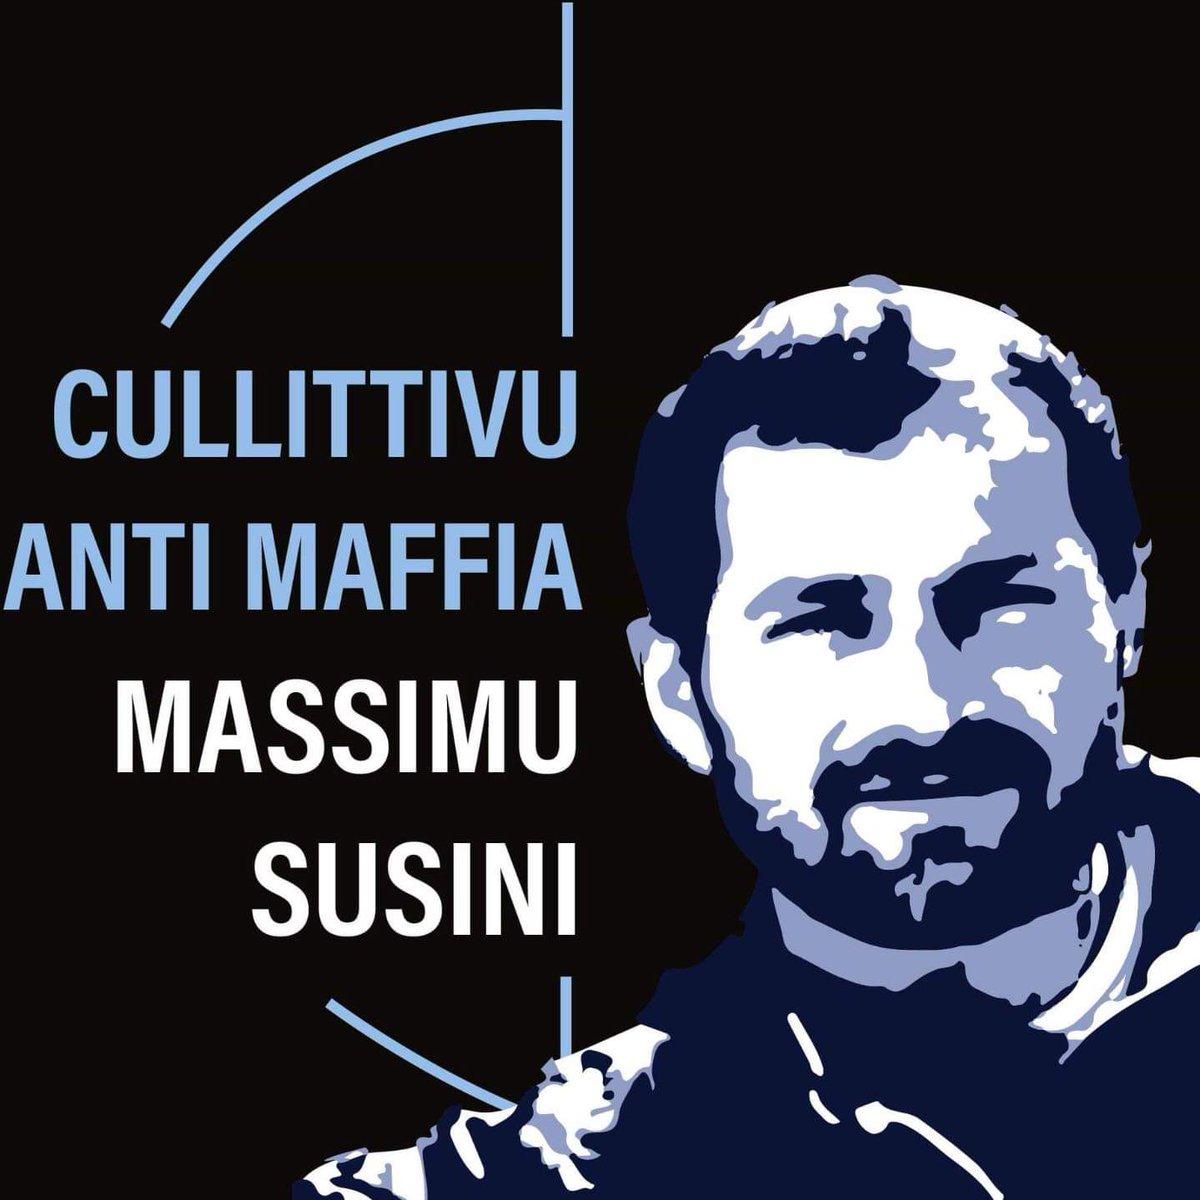 """U Cullettivu Massimu Susini : """"a maffia in Corsica, nigà o luttà ?"""""""